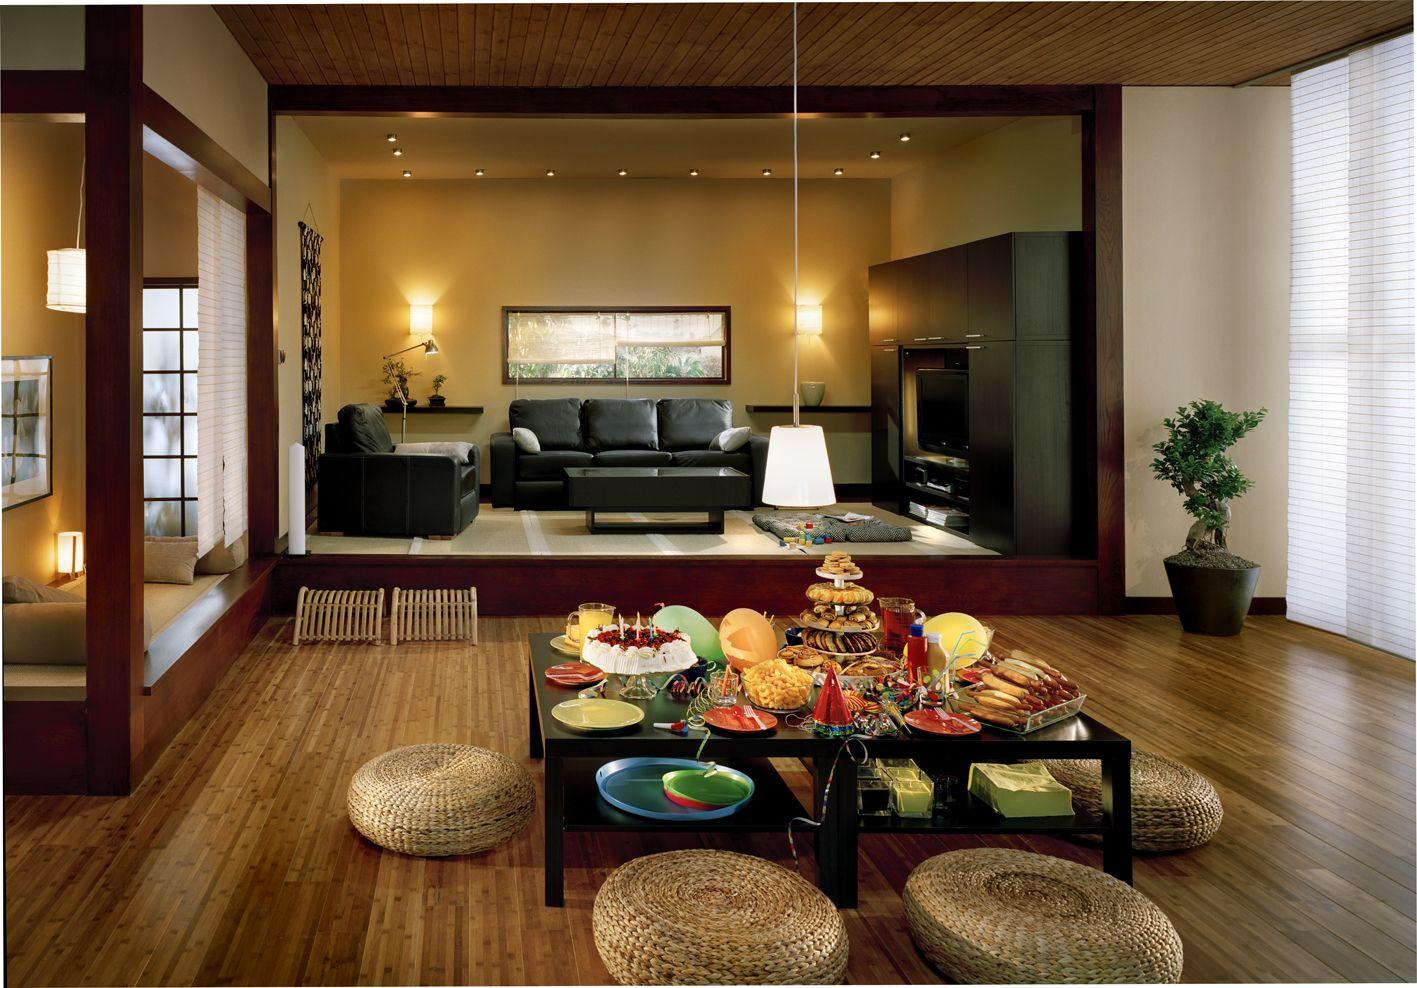 9 Zen Style Home Decorating Designs - Guru Koala  Japanese